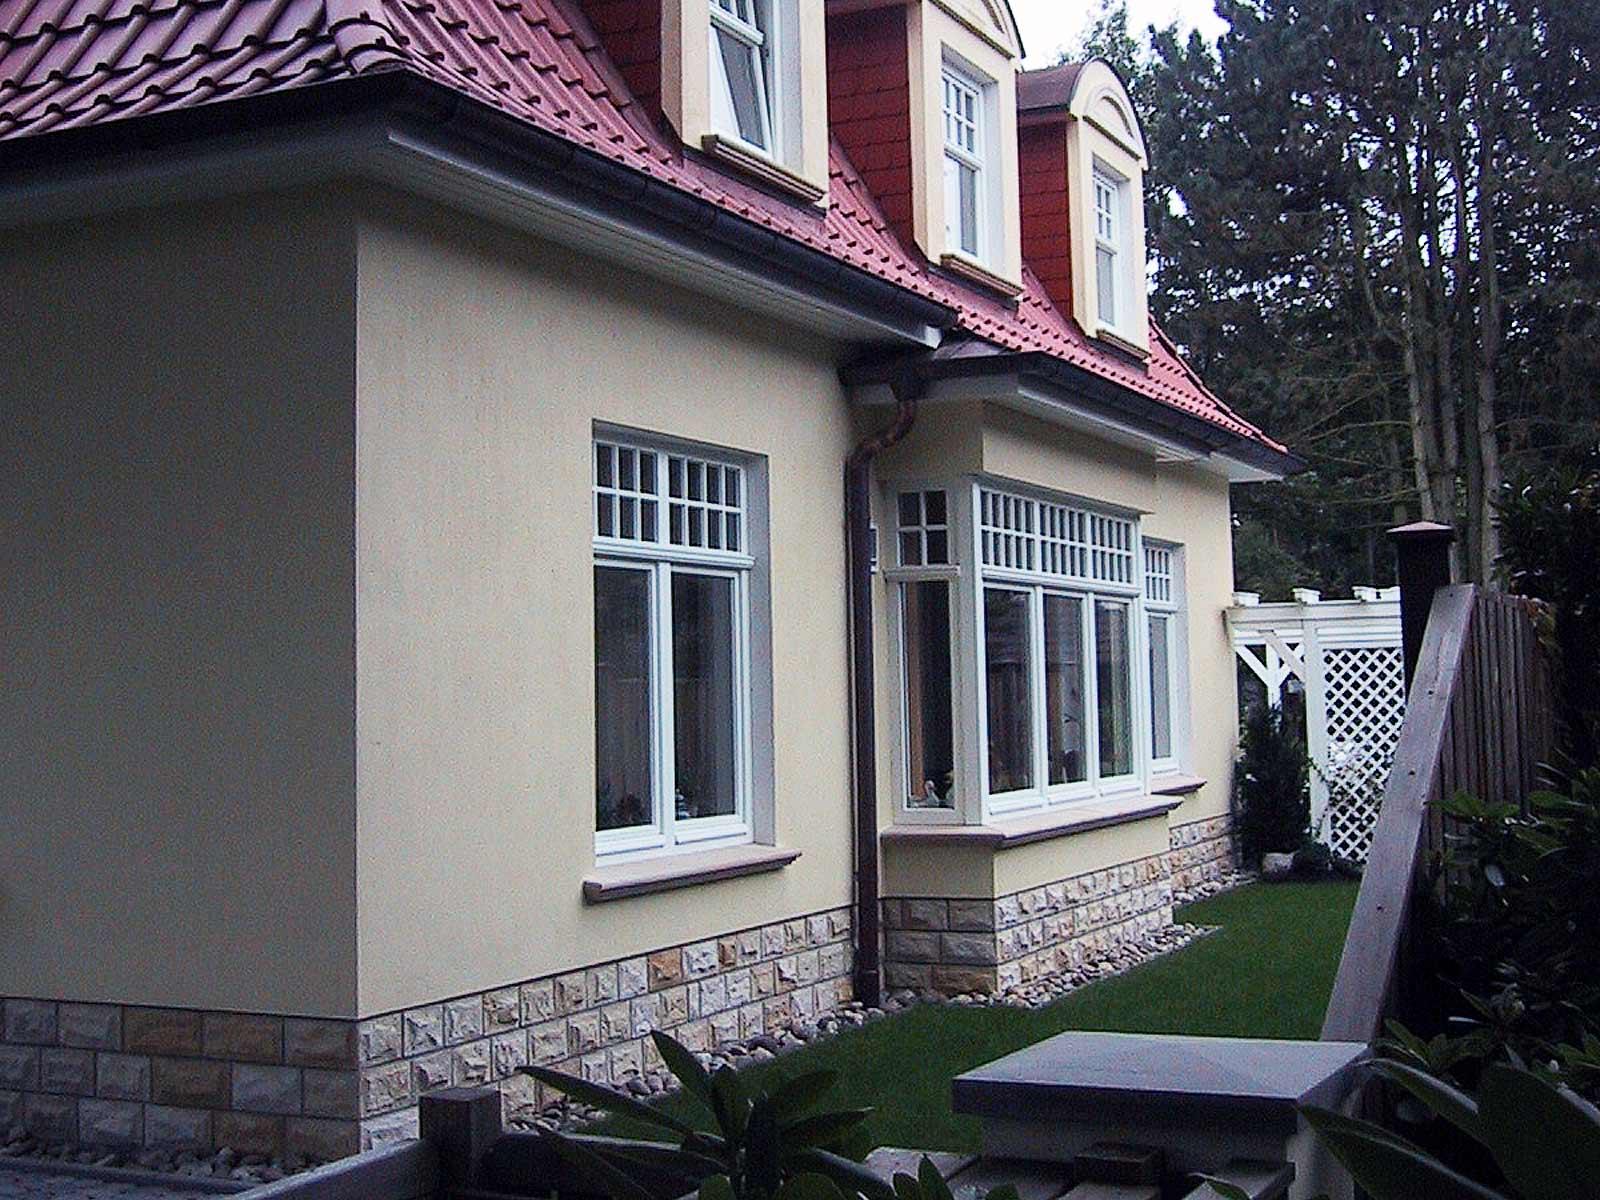 Fensterbänke und -gesimse | Obernkirchener Sandstein